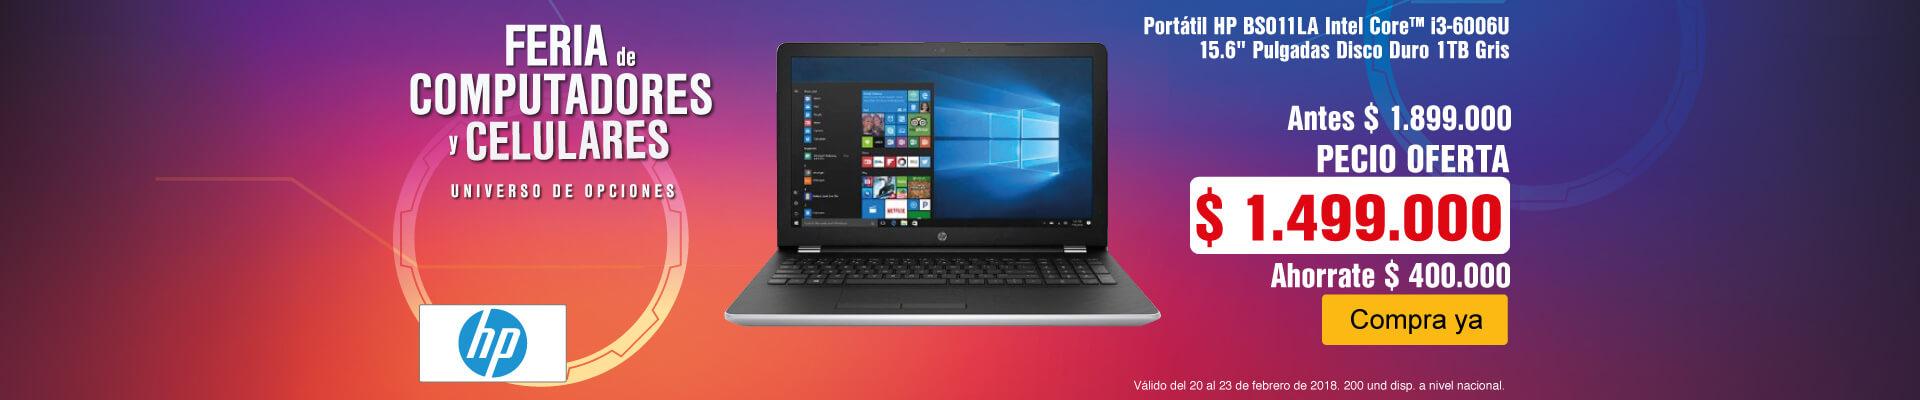 PPAL AK-2-computadores-Portátil HP BS011LA Intel Core™ i3-6006U 15.6